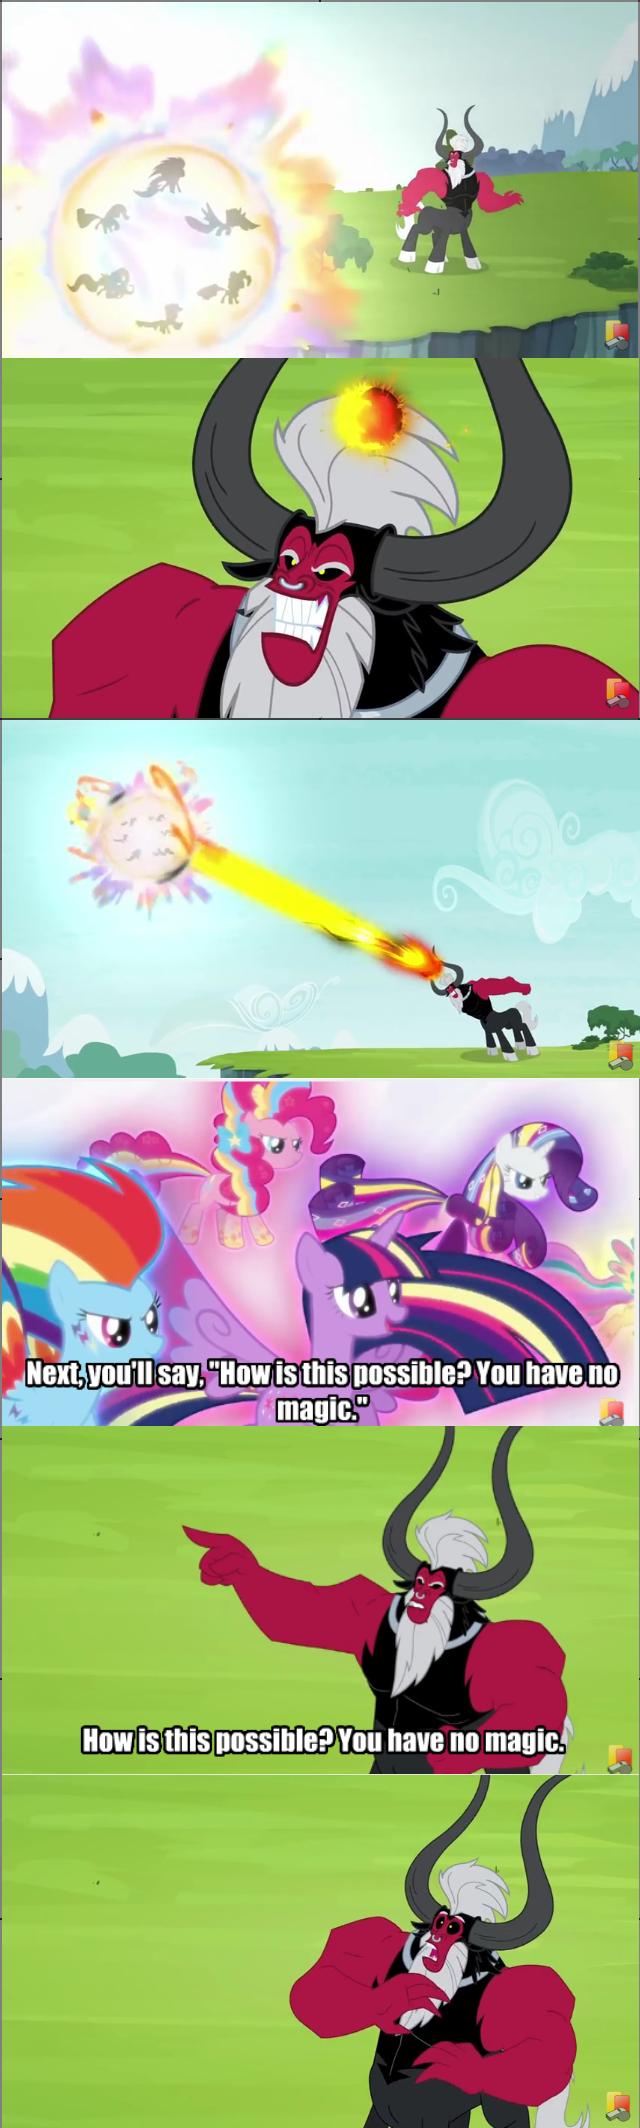 twilight sparkle tirek rainbow power twilight's kingdom - 8796957440